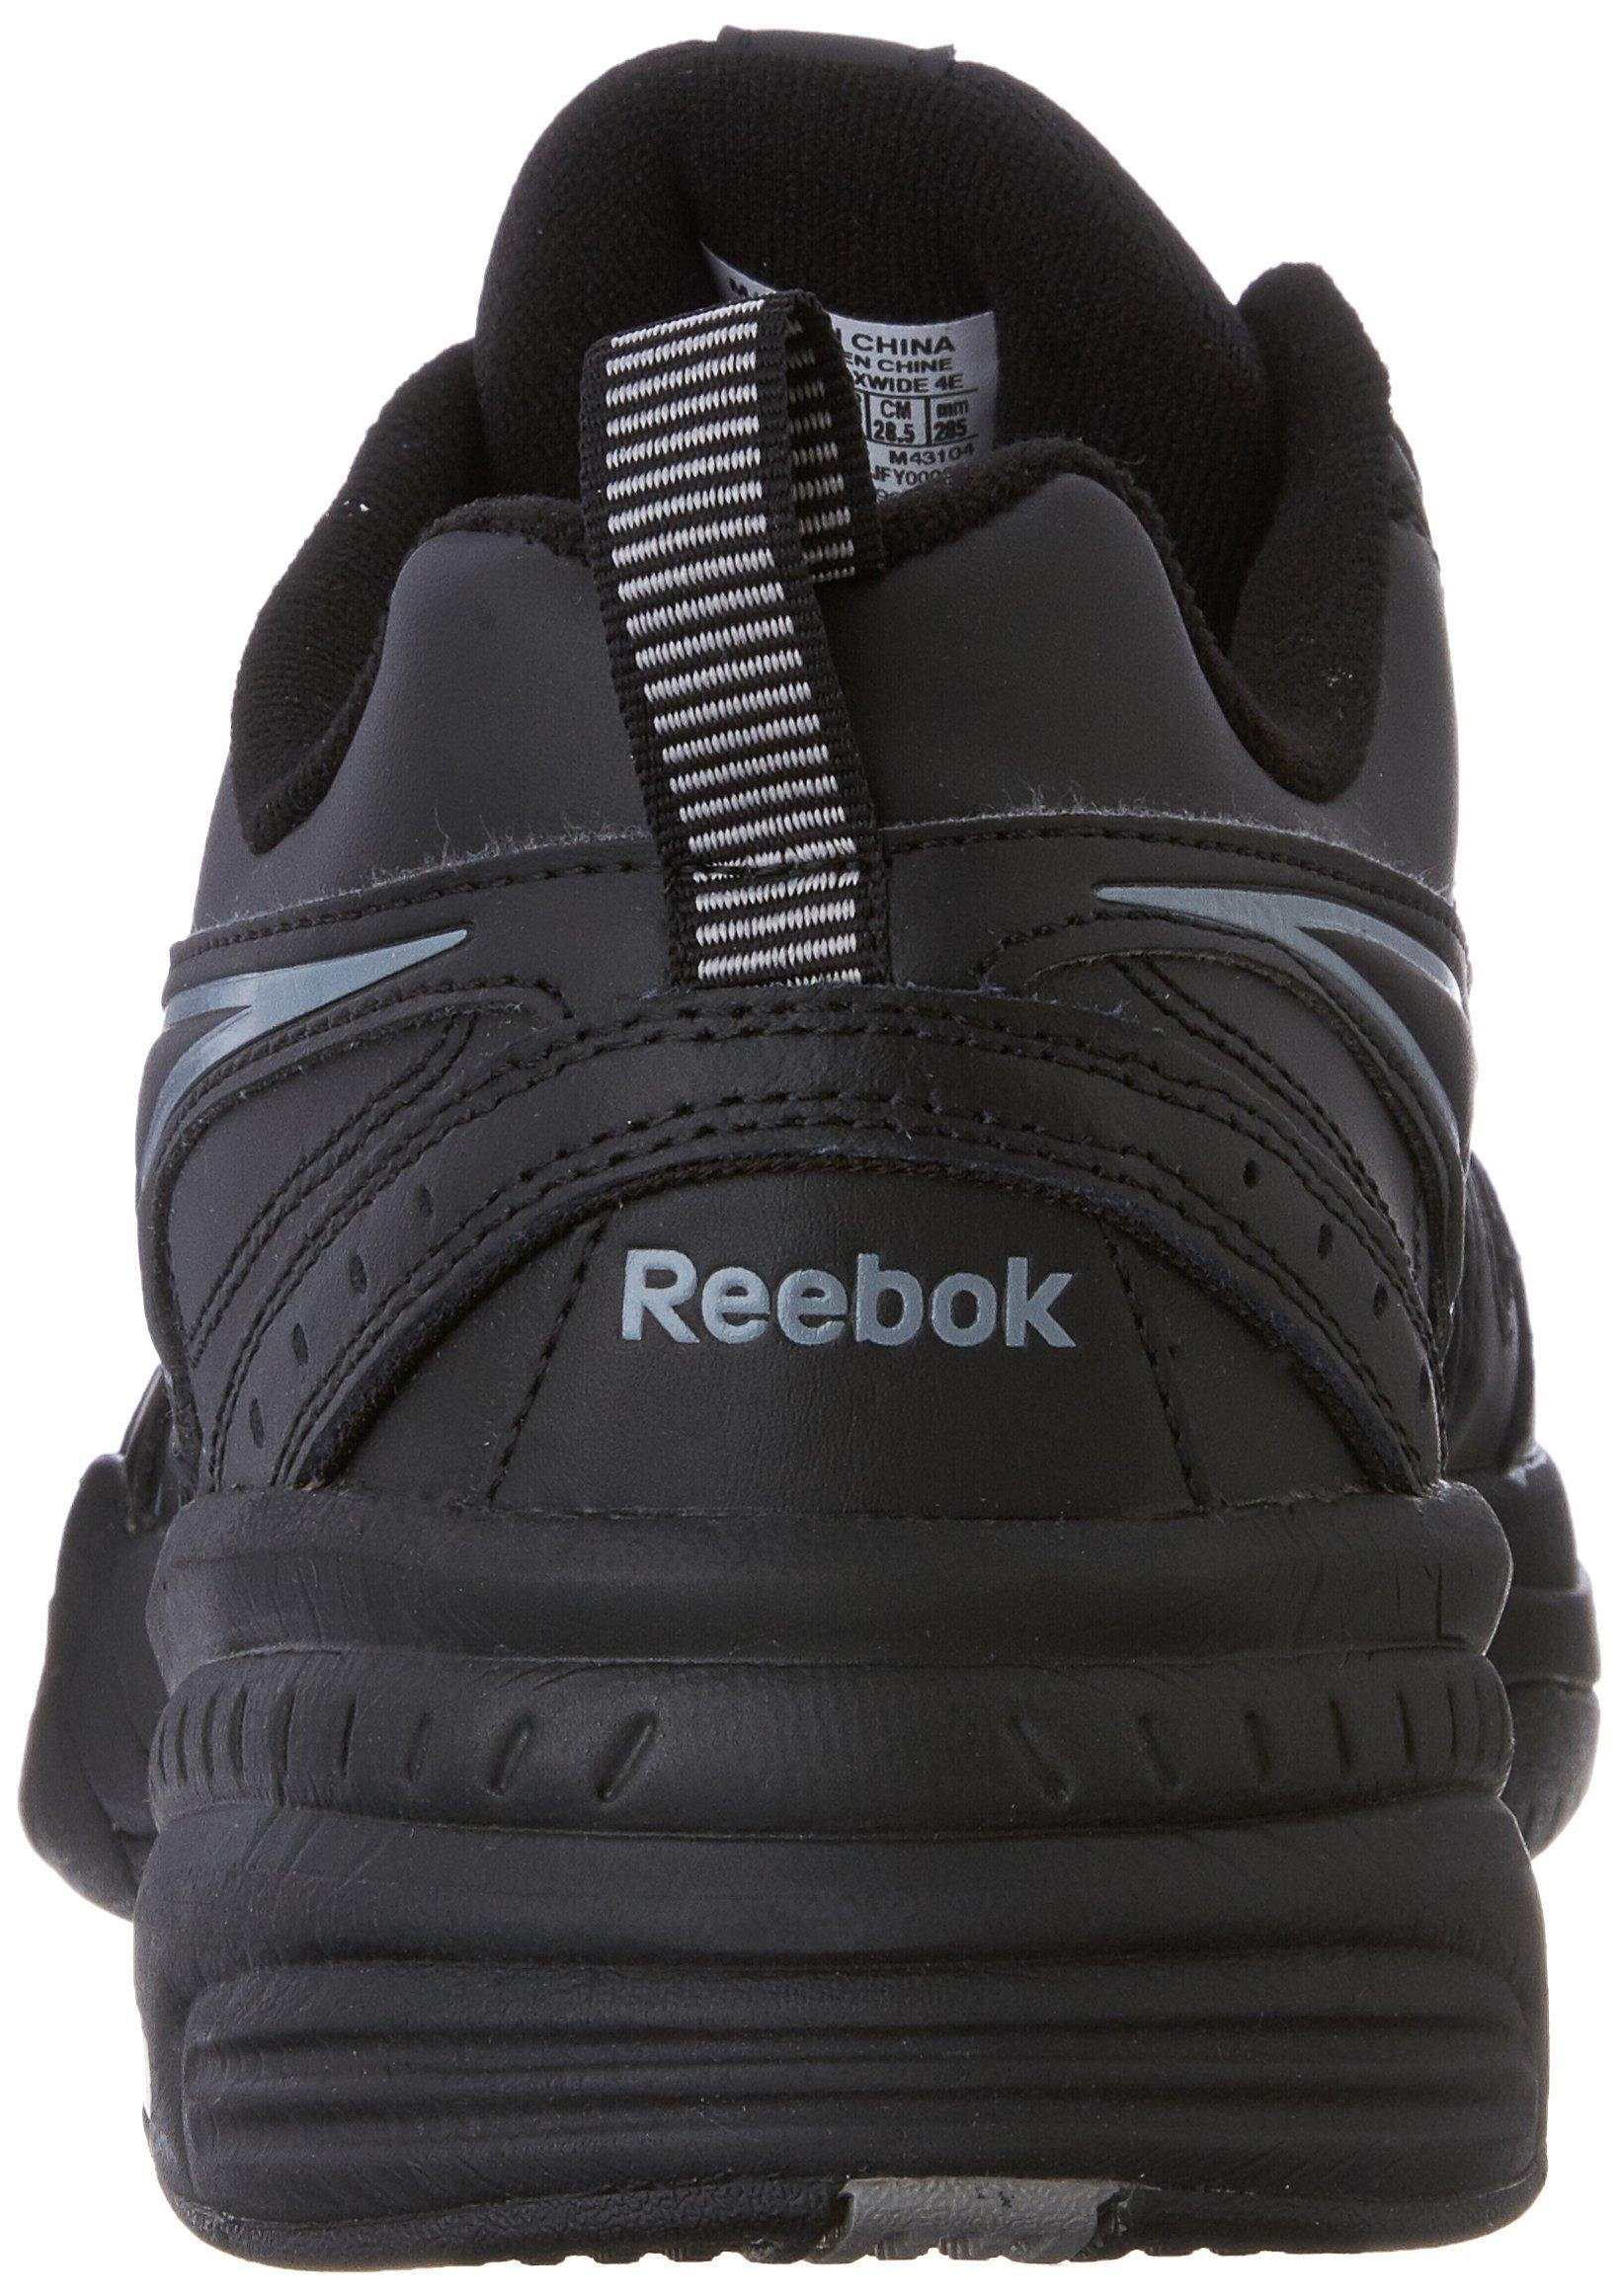 premium selection de65d 5f7f1 Reebok Men s Royal Trainer Mt Cross-trainer Shoe - Reebok Royal Trainer MT-M    Shoes   Clothing, Shoes   Jewelry - tibs